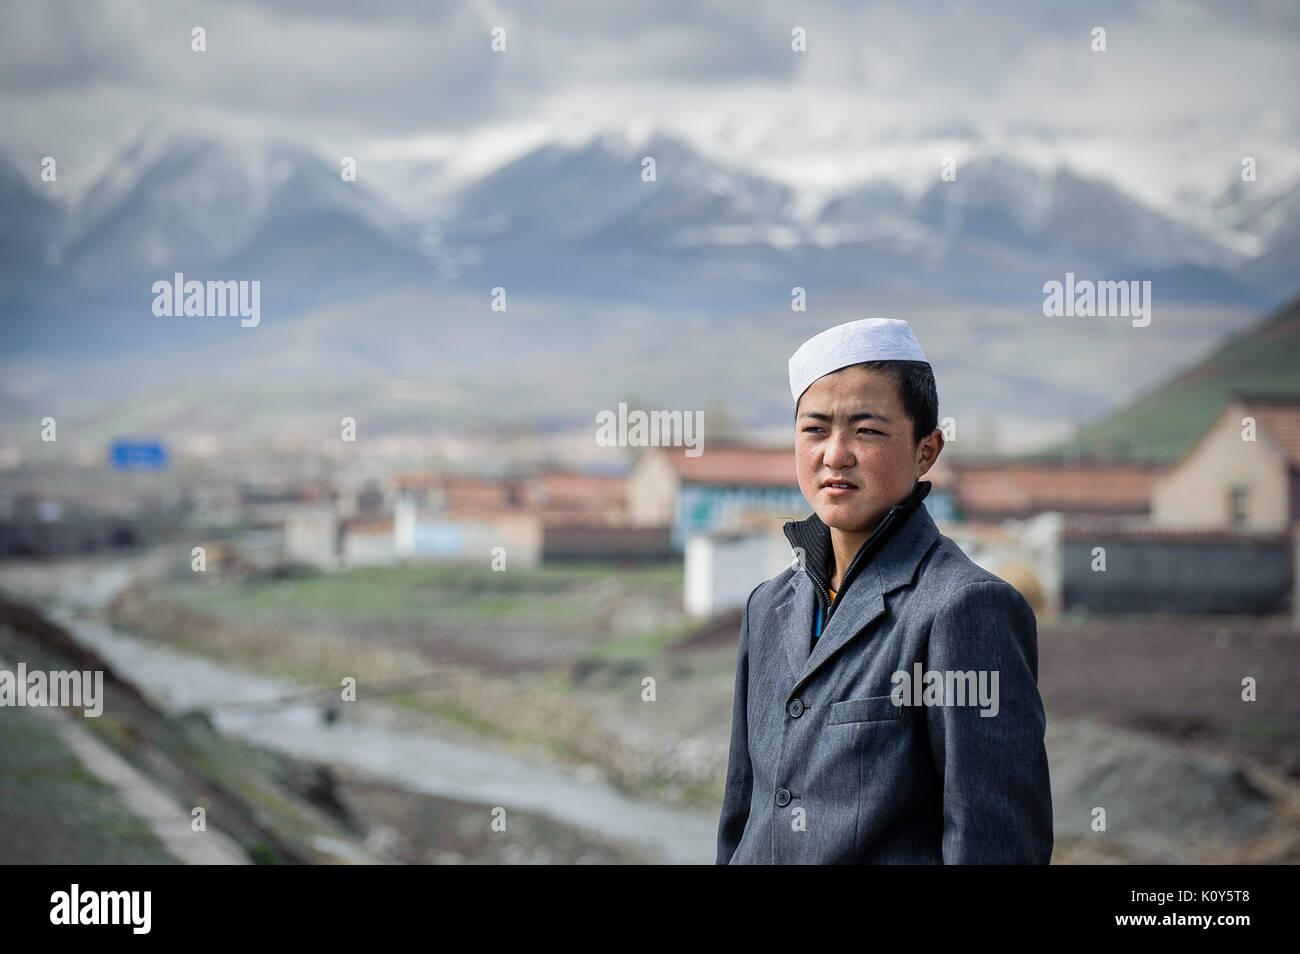 Un adolescente di Hui minoranza etnica della Cina. Immagini Stock